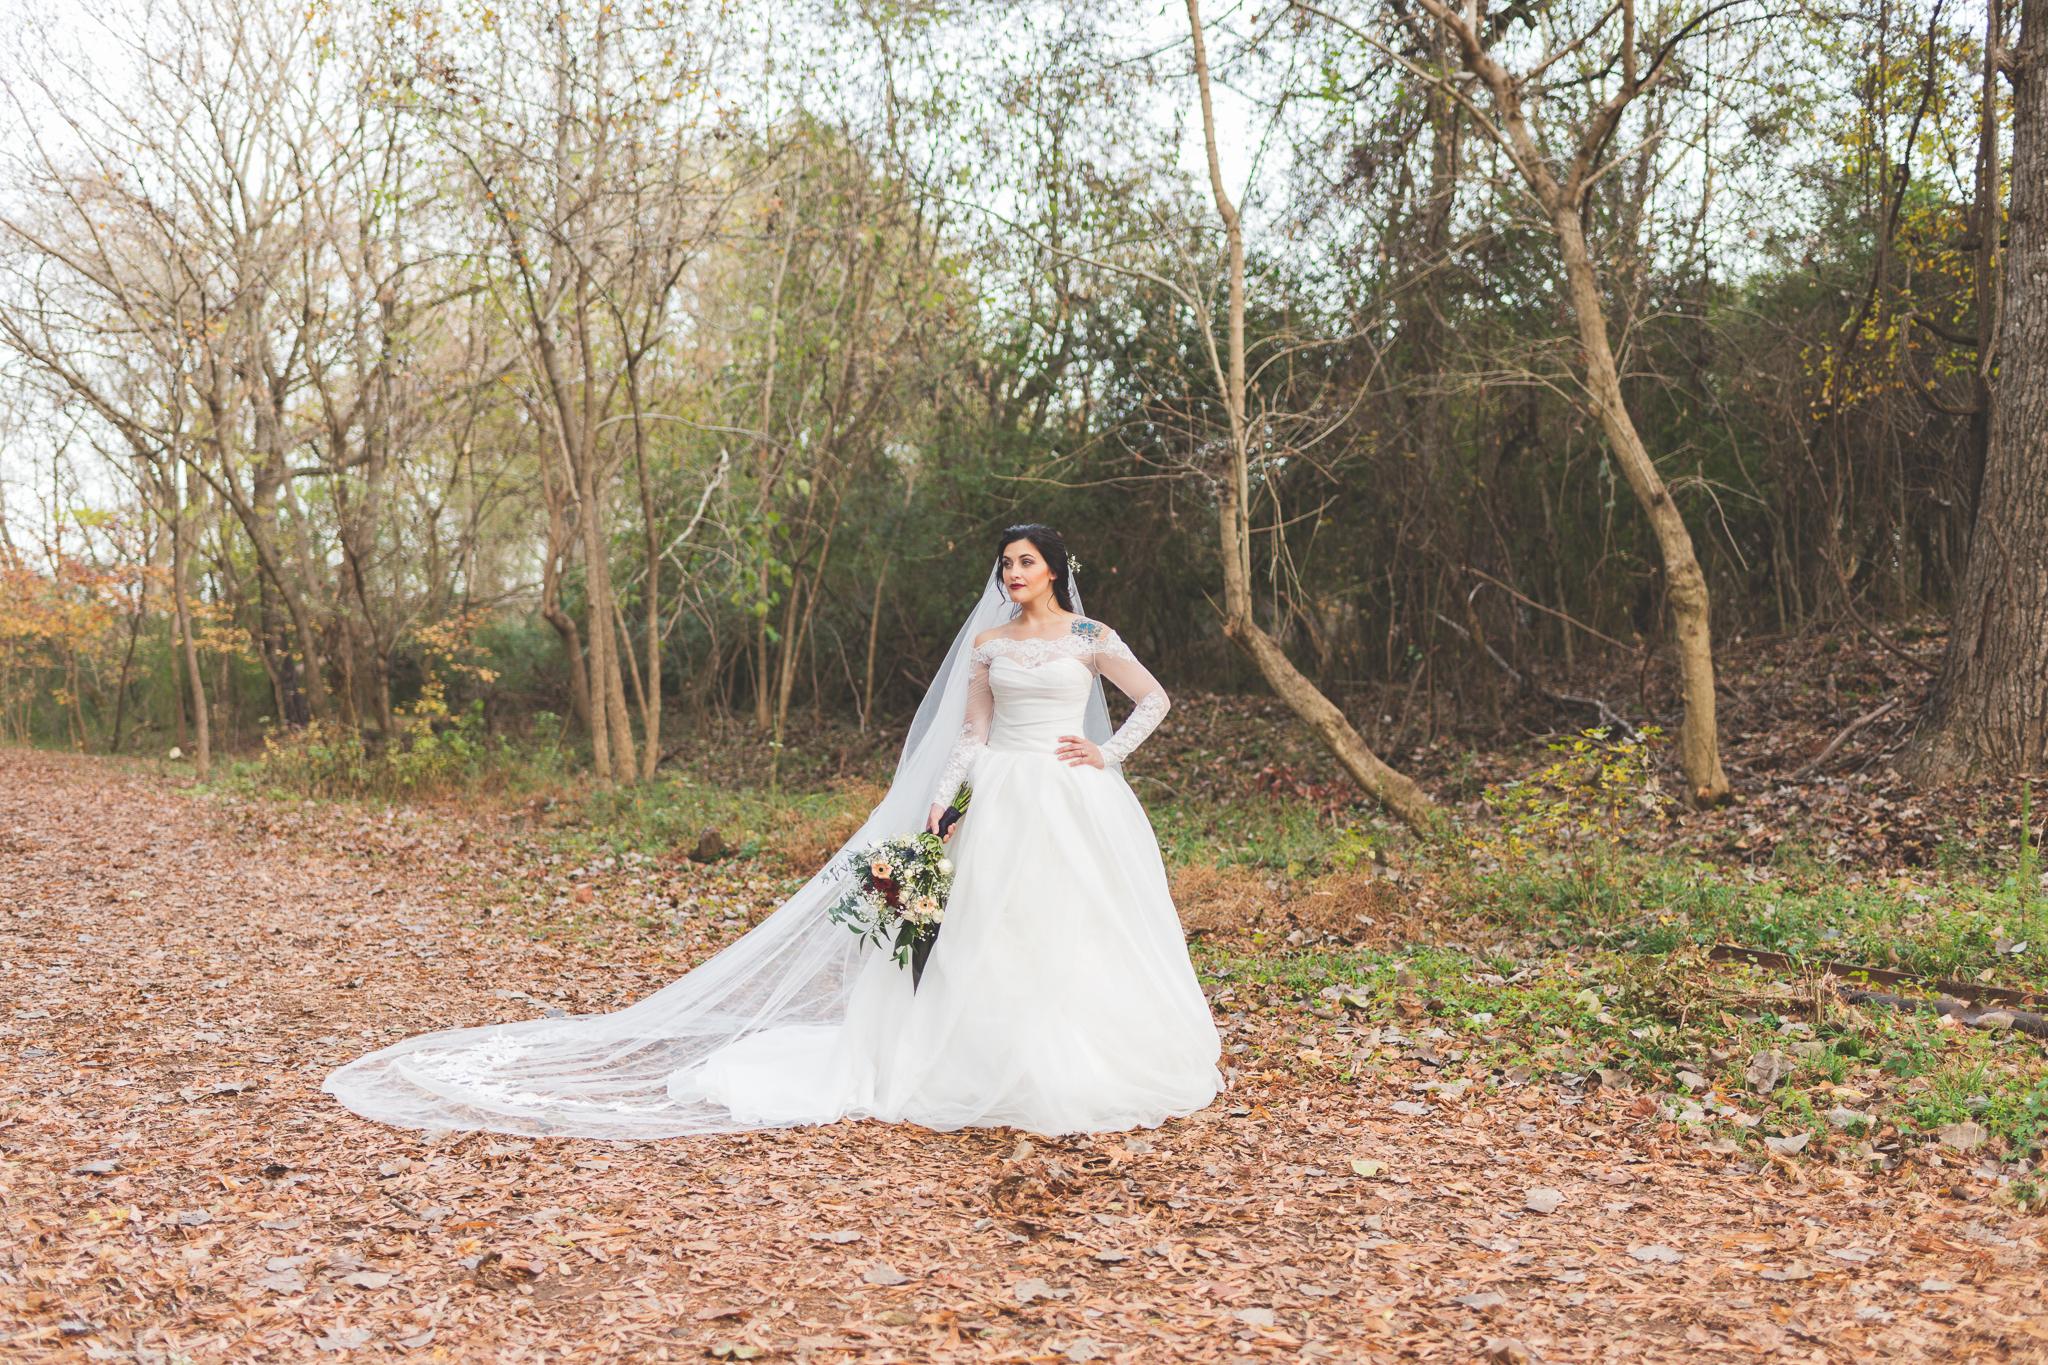 Bridals_SarahRobertson_blog-8.jpg